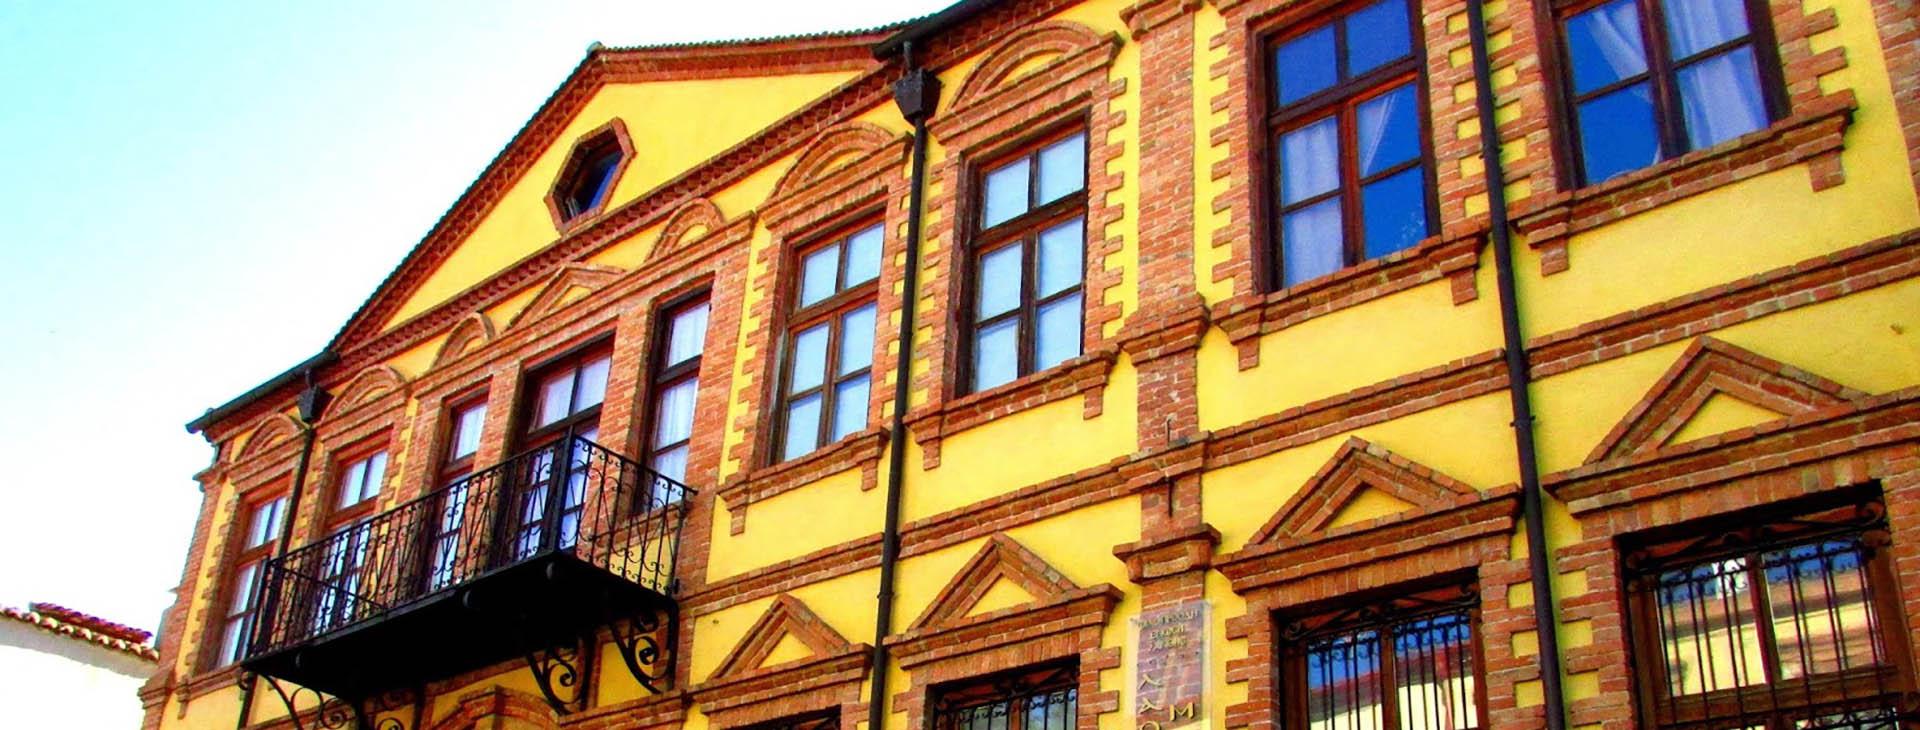 Folklore Museum of Xanthi